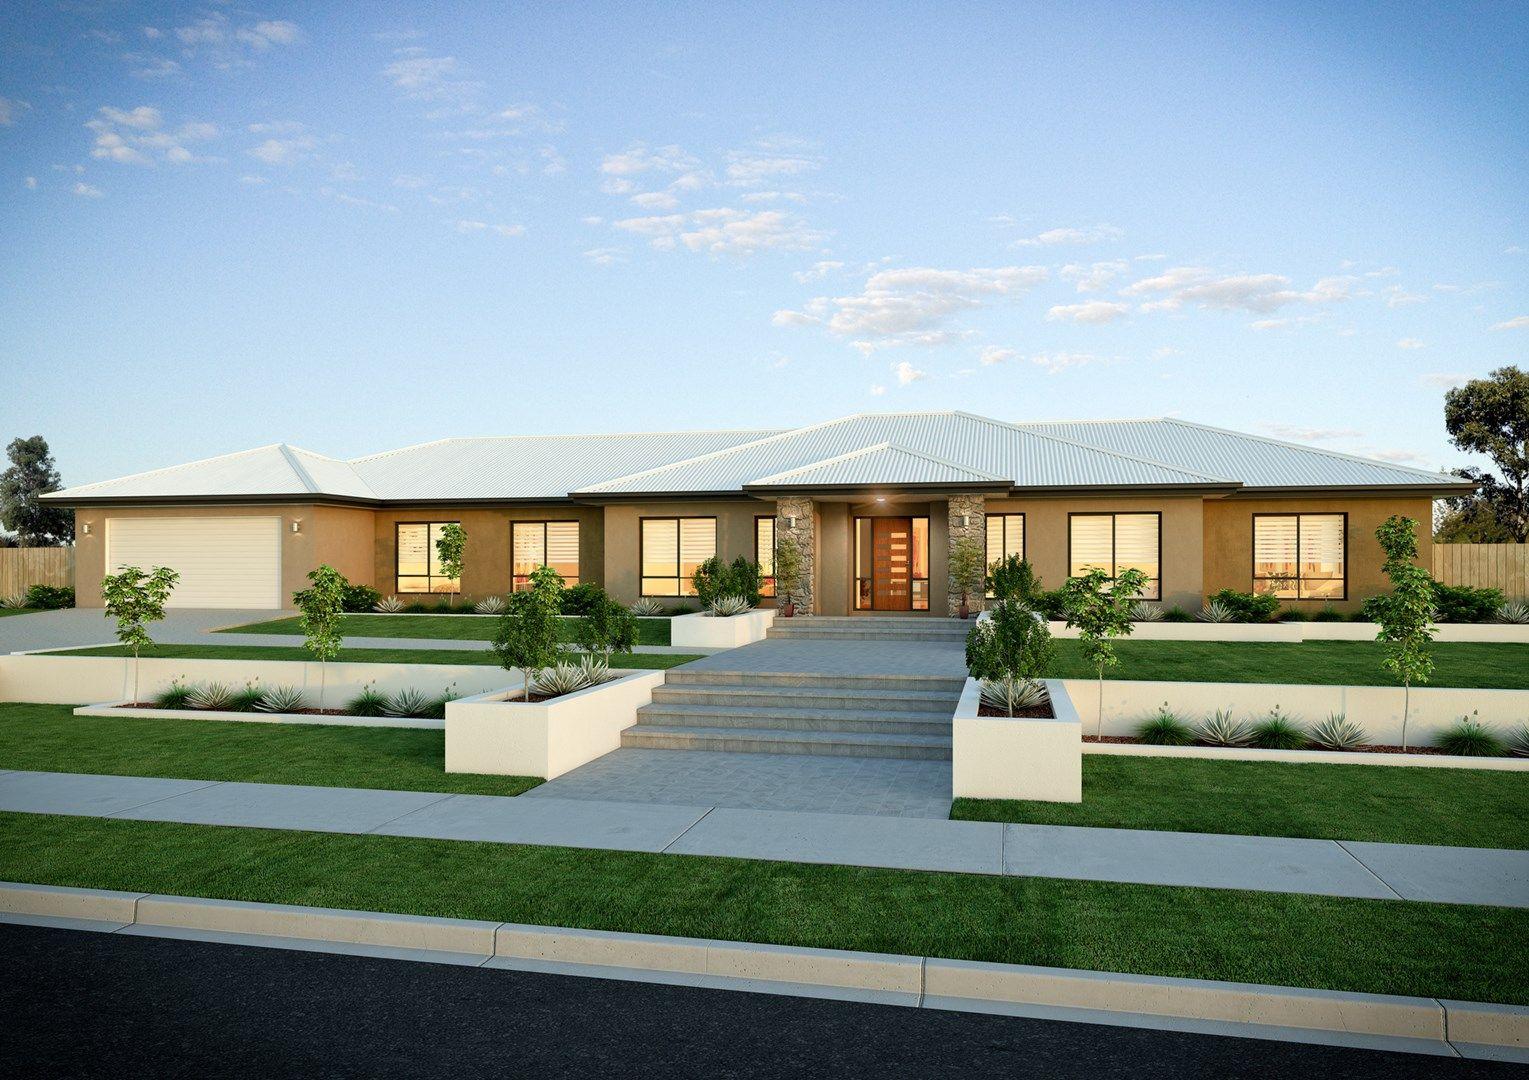 Lot 52 Cains Lane, Coolamon NSW 2701, Image 0